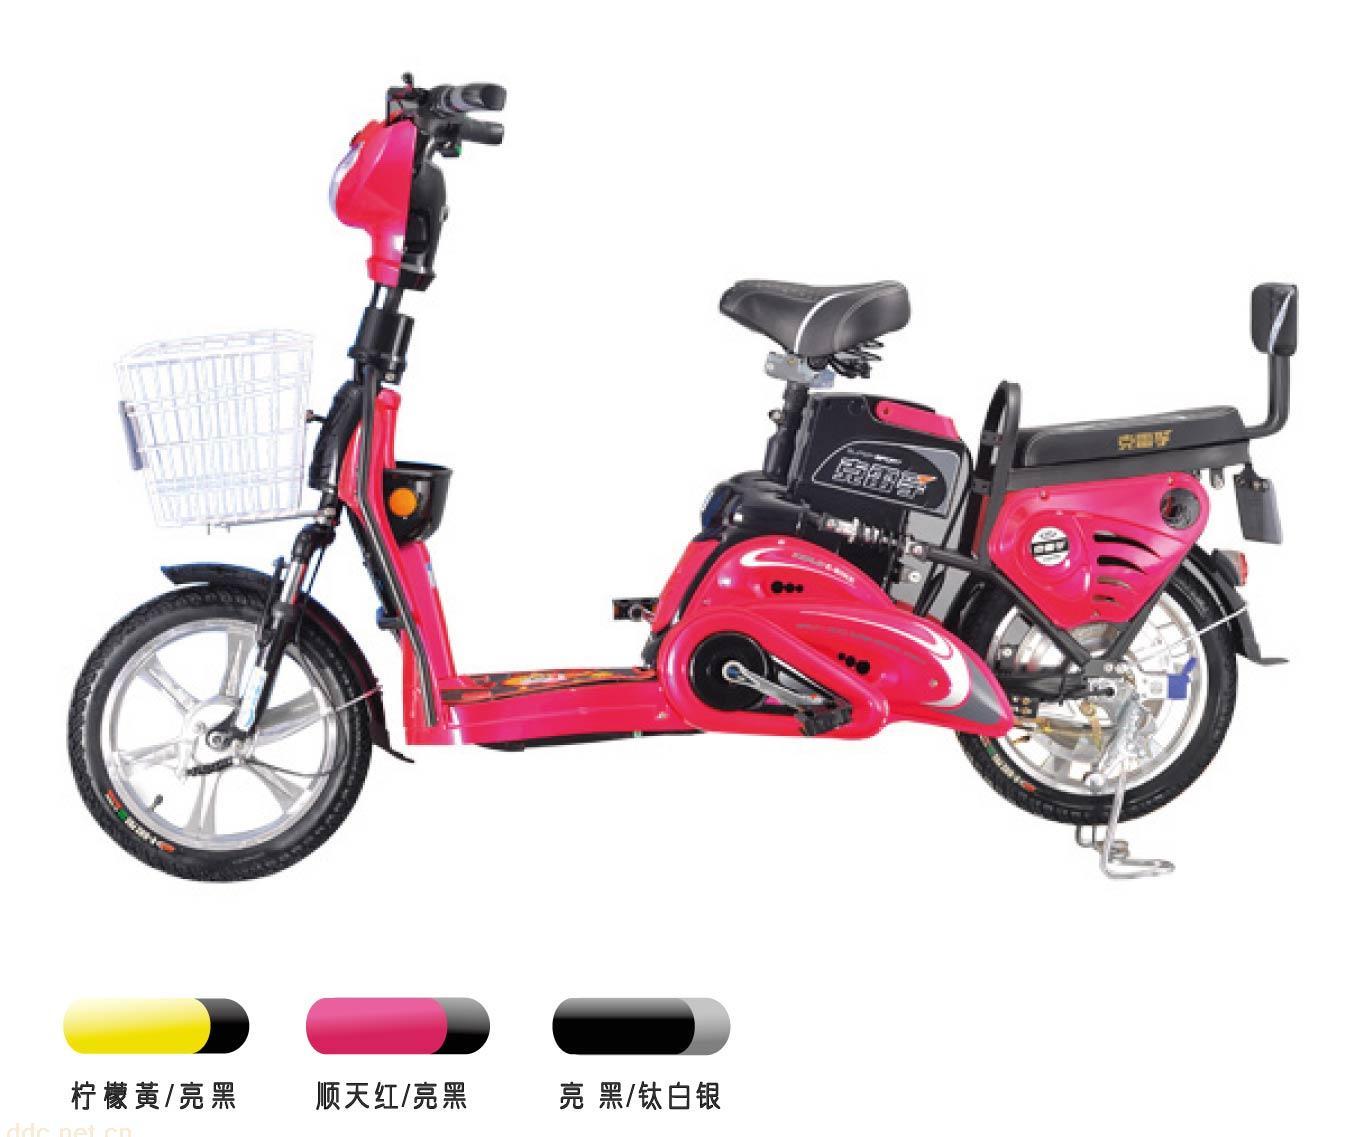 芜湖克雷孚悦硕电动自行车